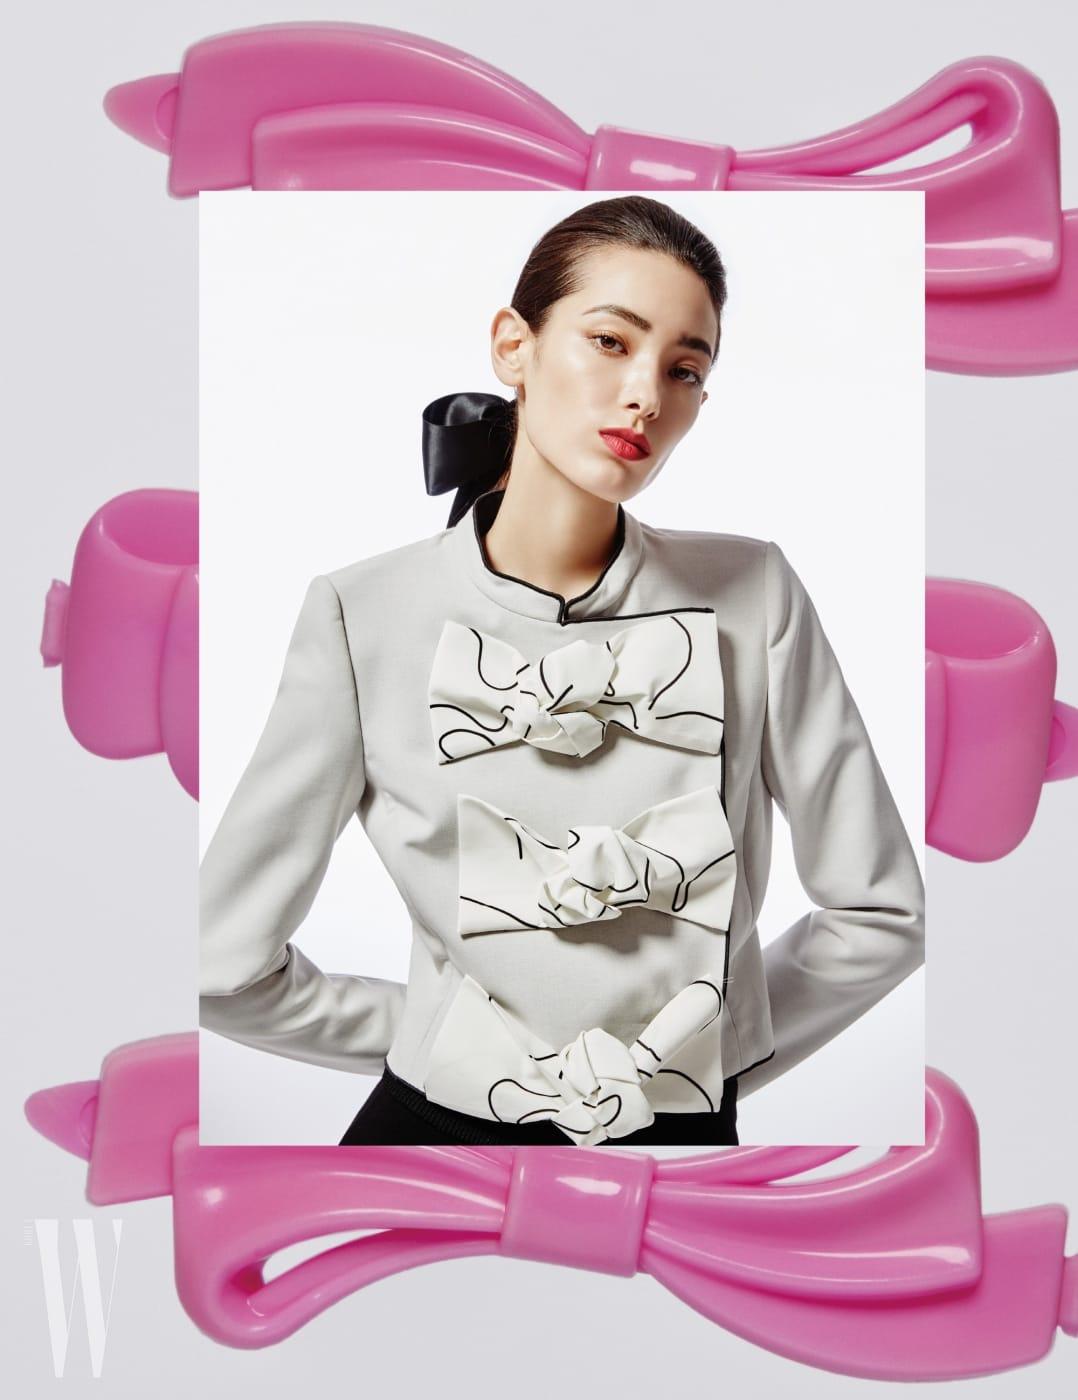 큼직한 리본이 장식된 차이니스칼라 재킷, 검정 팬츠는 Emporio Armani 제품.